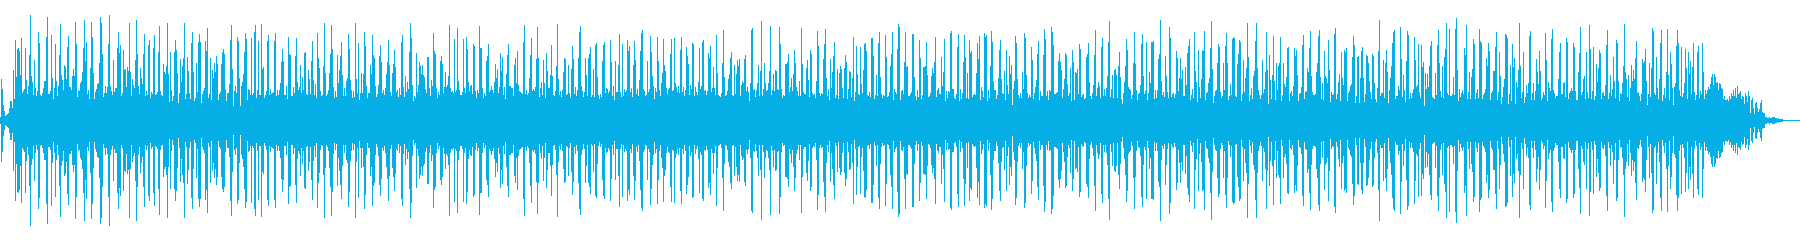 ヤマハ600:スタート、アイドル、...の再生済みの波形